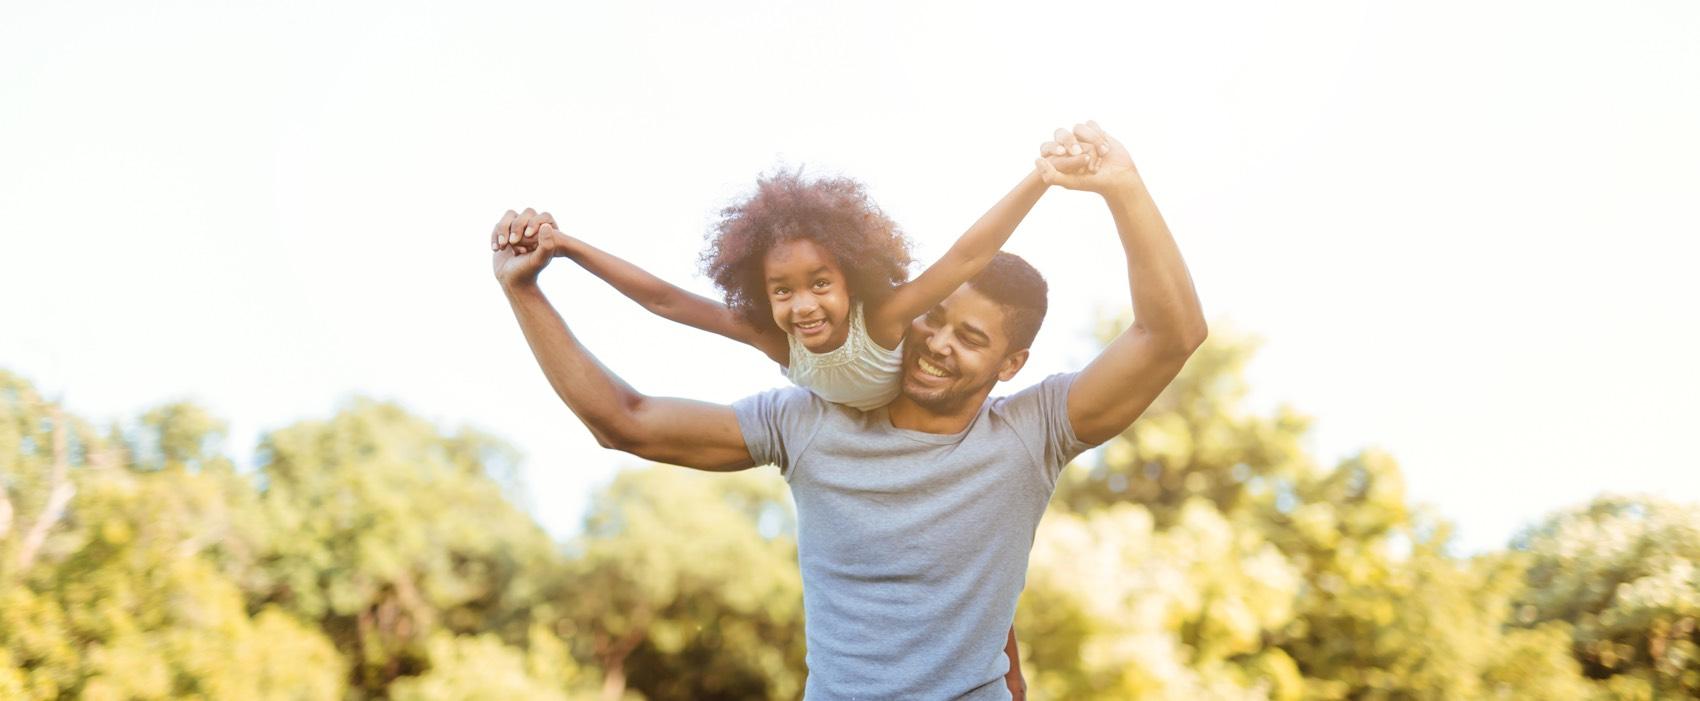 Junger Vater tobt mit seiner Tochter, die er auf seiner Schulter trägt.